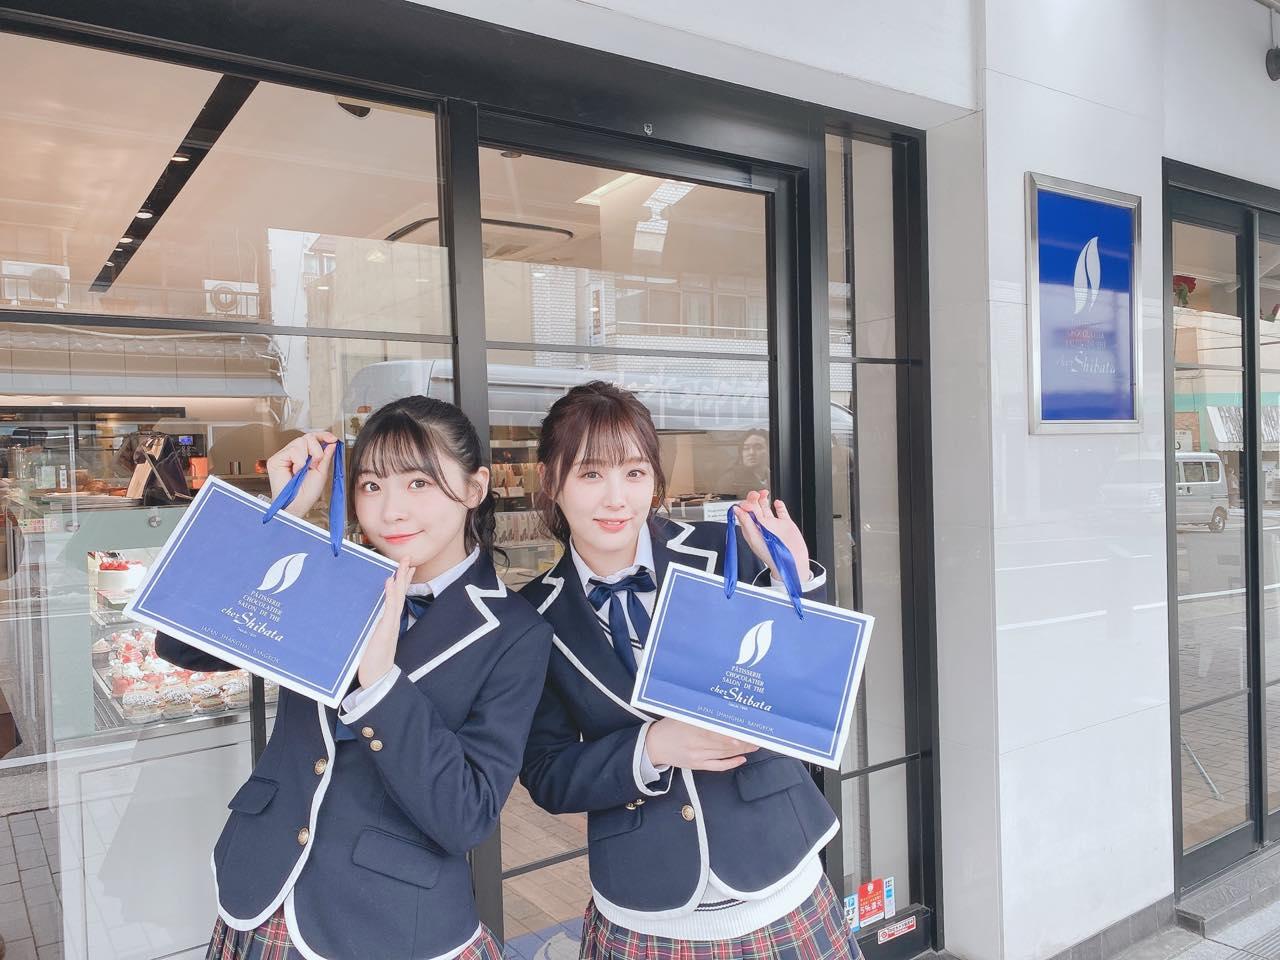 「SKE48は君と歌いたい」鎌田菜月&浅井裕華がアジアでも活躍するパティシエの店を訪れる